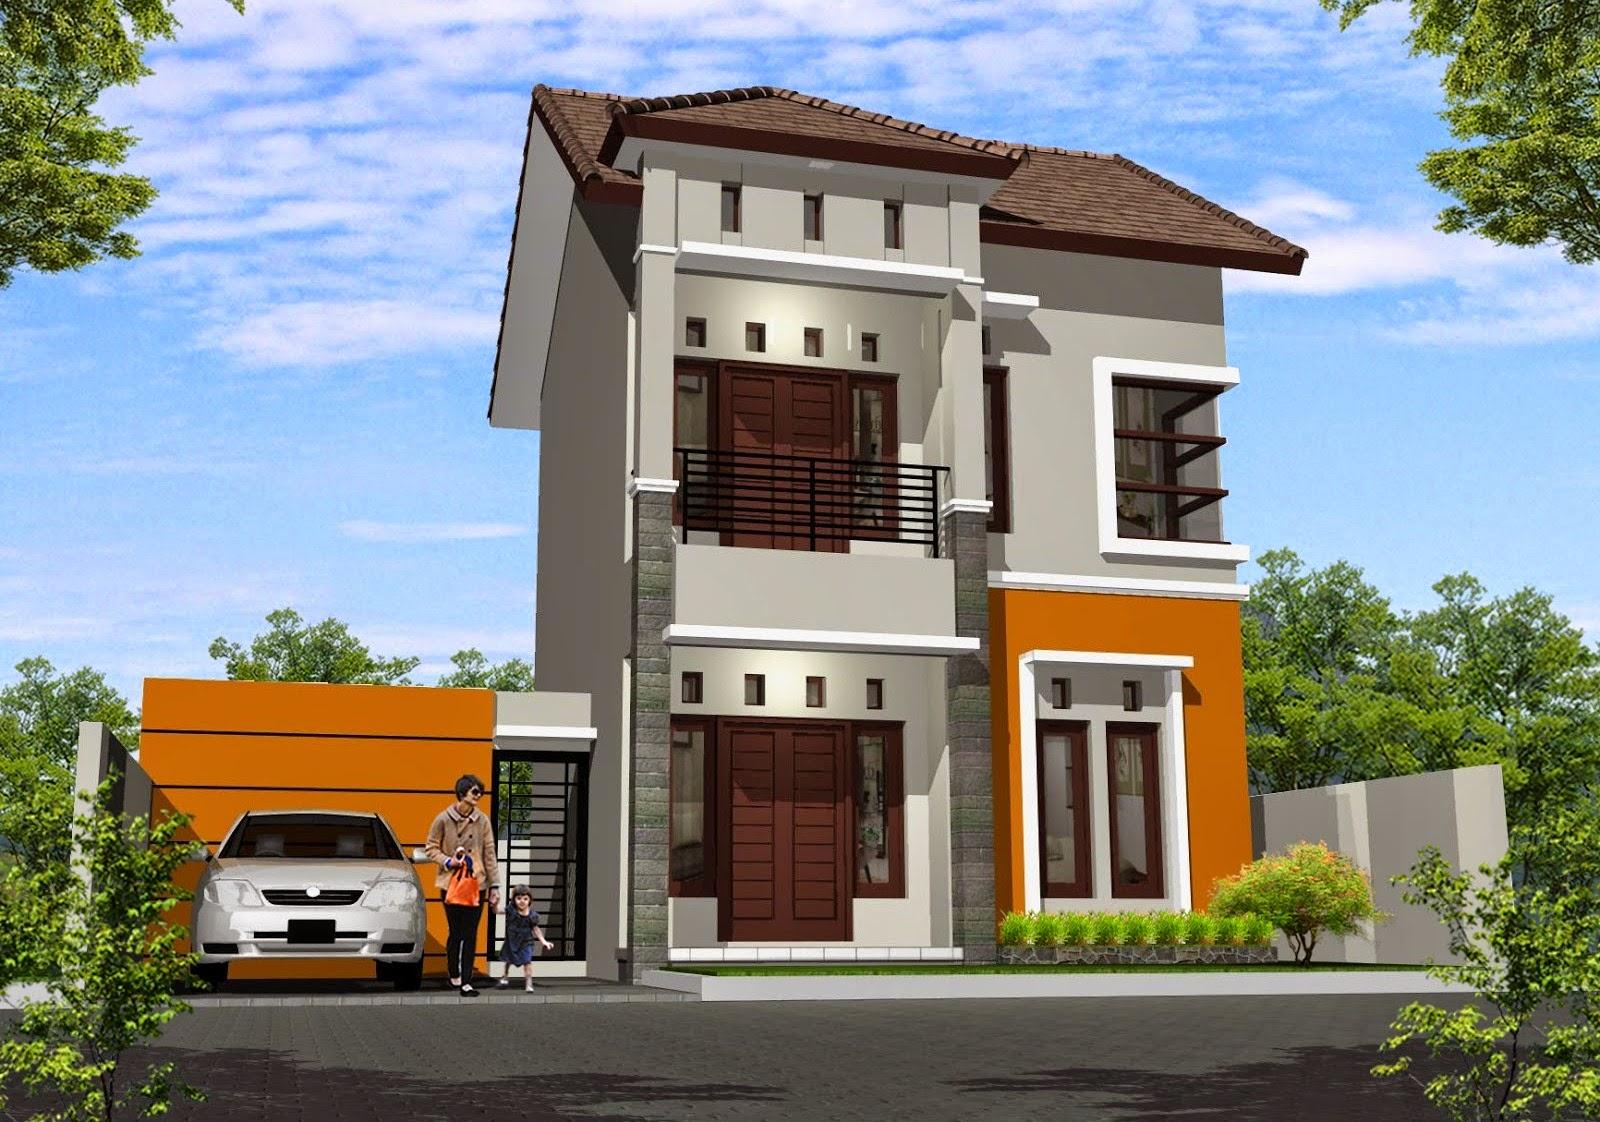 Membangun rumah hemat budget dengan memilih tipe rumah minimalis